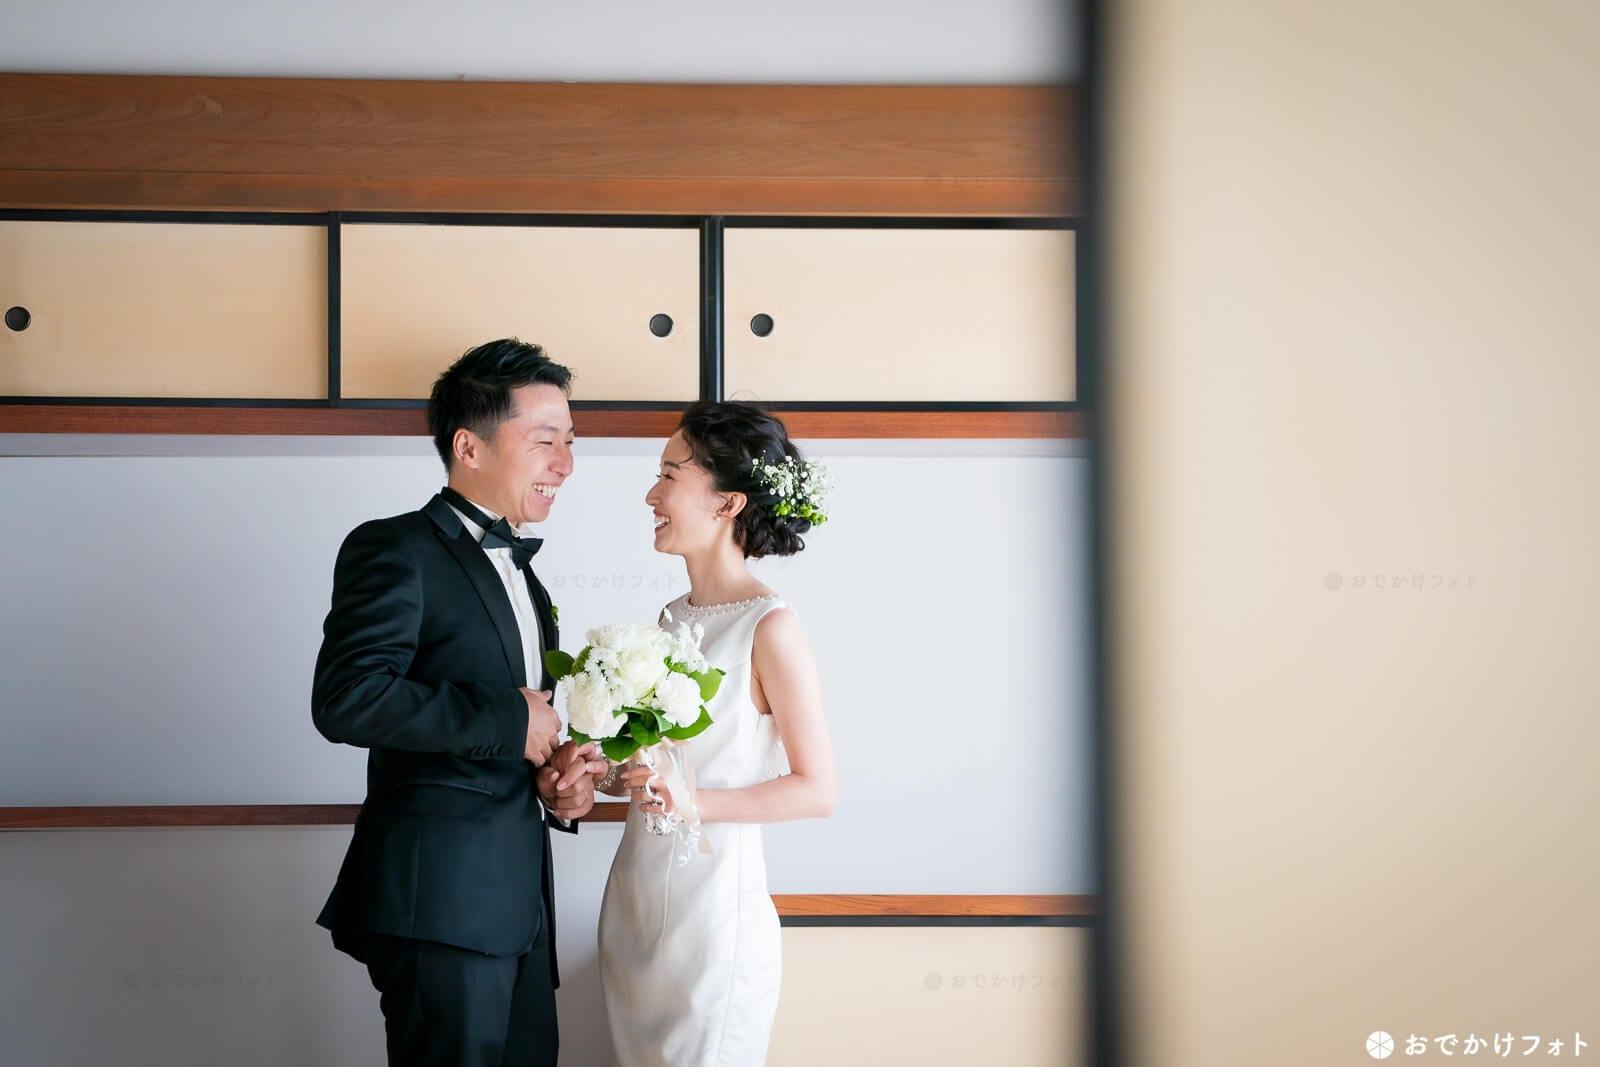 佐賀城本丸歴史館で結婚式の前撮りロケーションフォト出張撮影